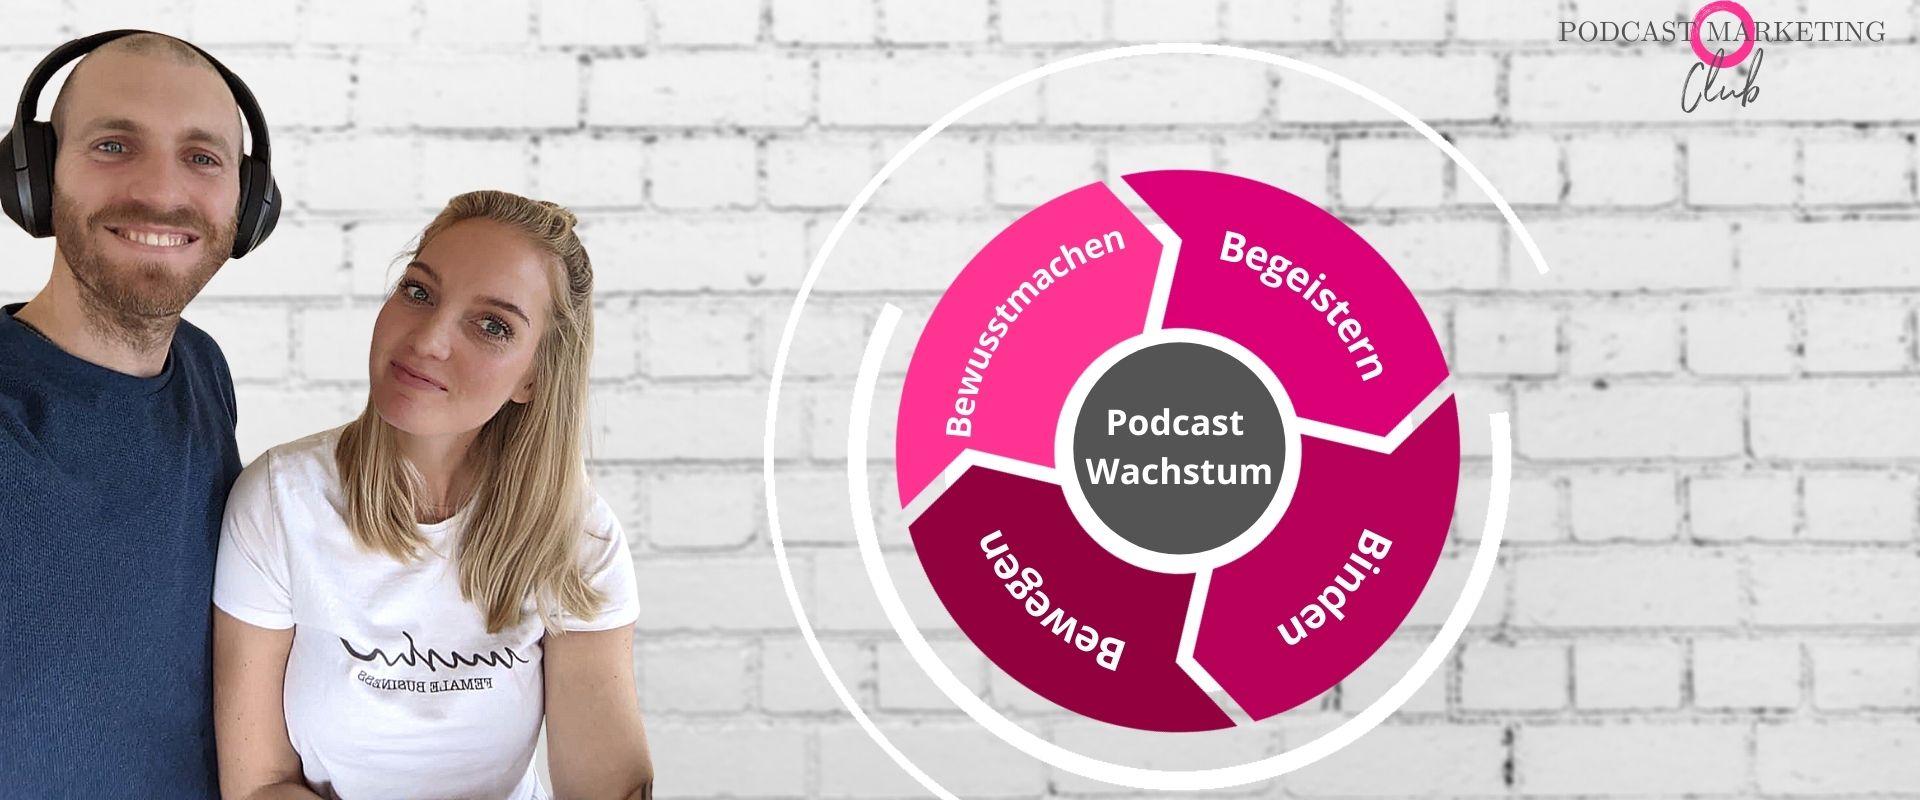 7 richtig clevere Hacks für mehr Podcast Reichweite - mit Michael Asshauer 80